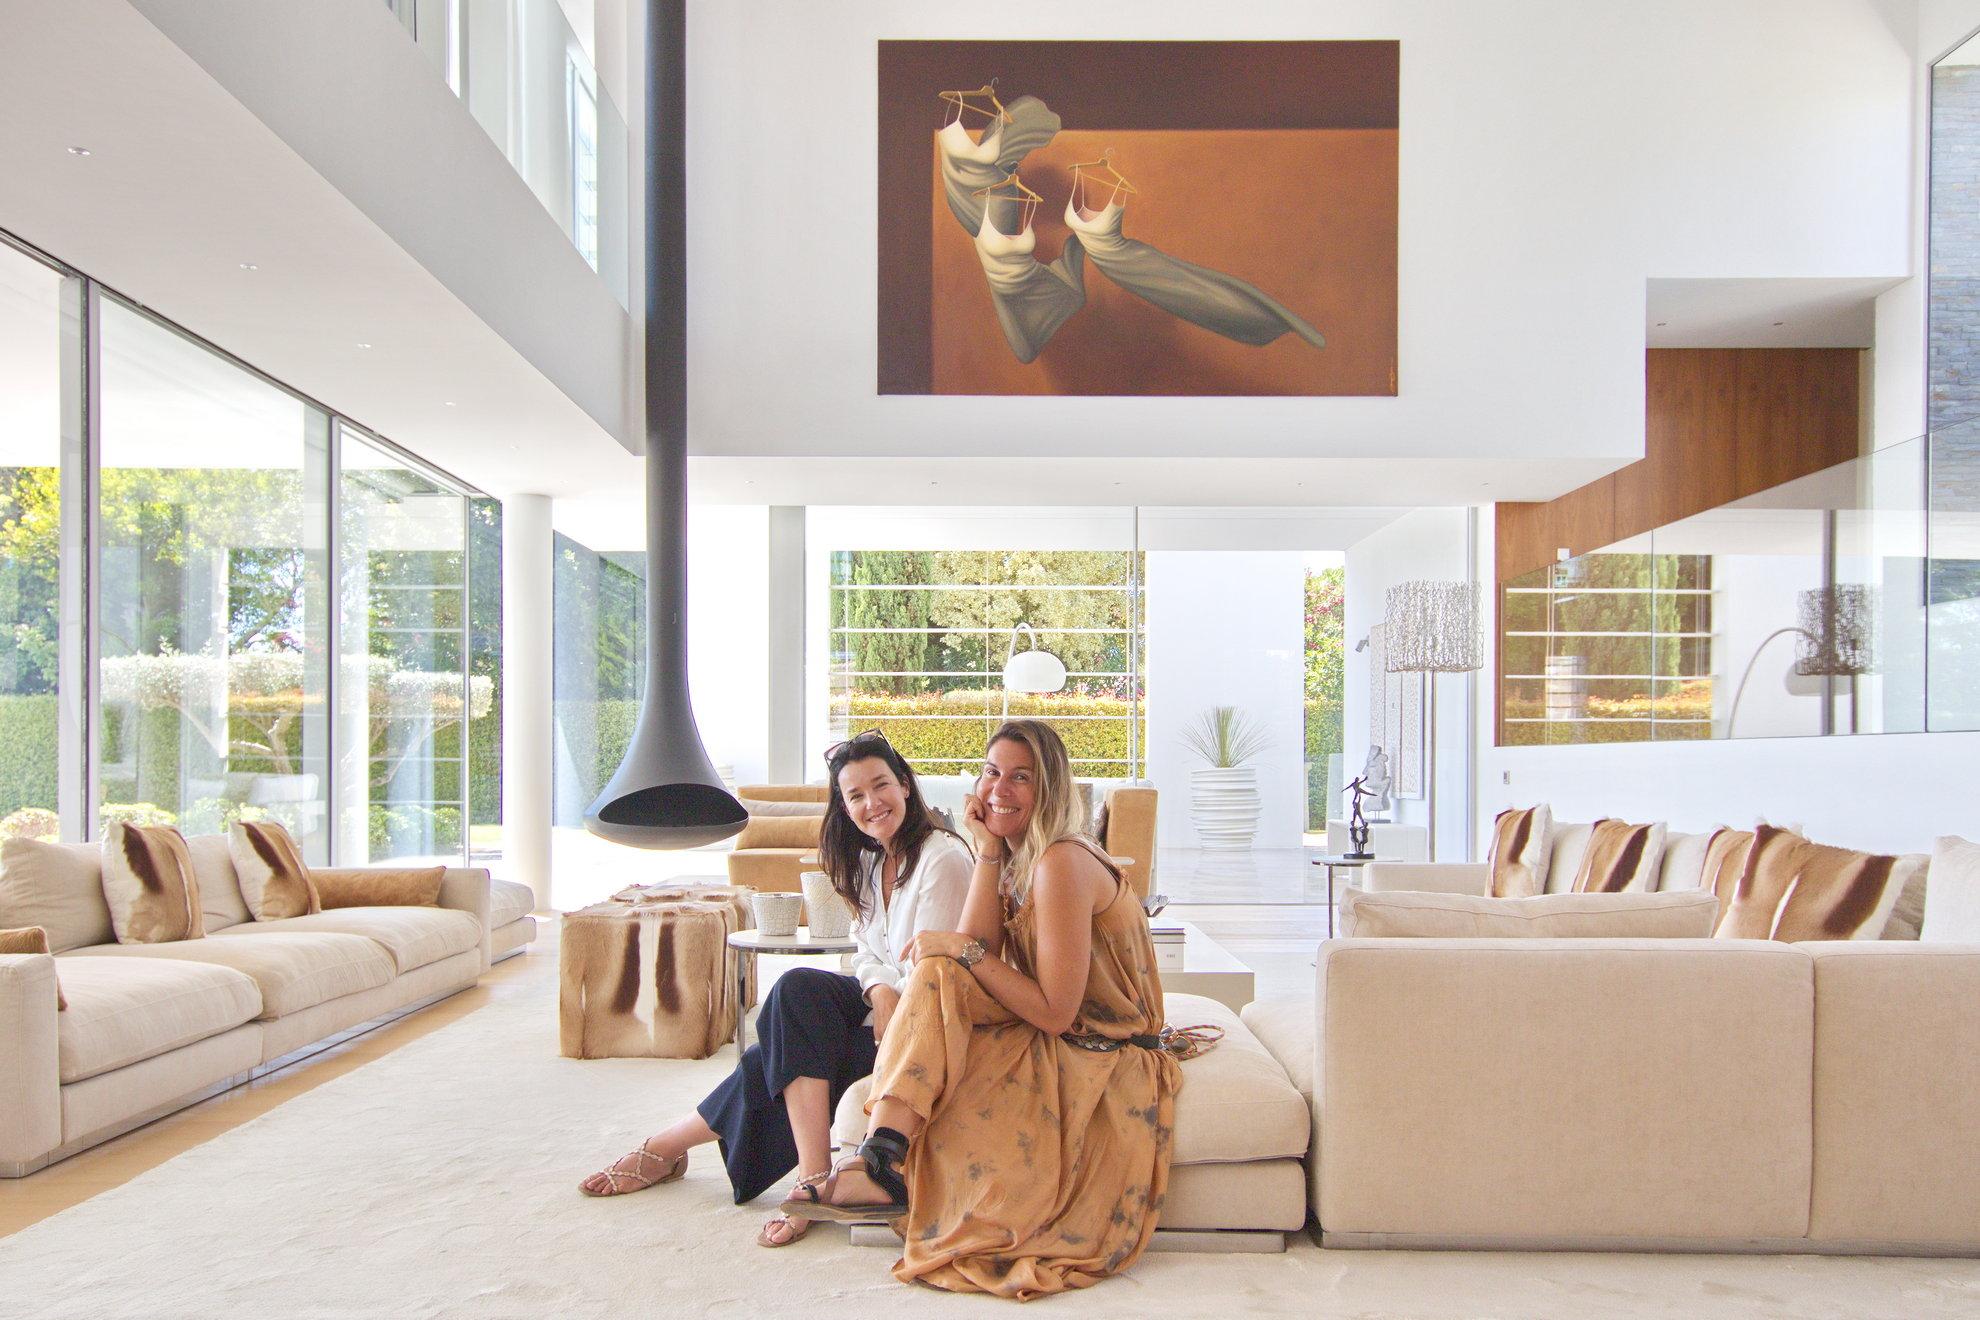 Rute e Rita, os rostos dos sócios à frente da SEAU.com imobiliária na Quinta do Lago e Vale do Lobo. É o conhecimento imobiliário local e o bom ambiente delas que vai se lembrar quando precisar comprar uma casa na Quinta do Lago e Vale do Lobo!